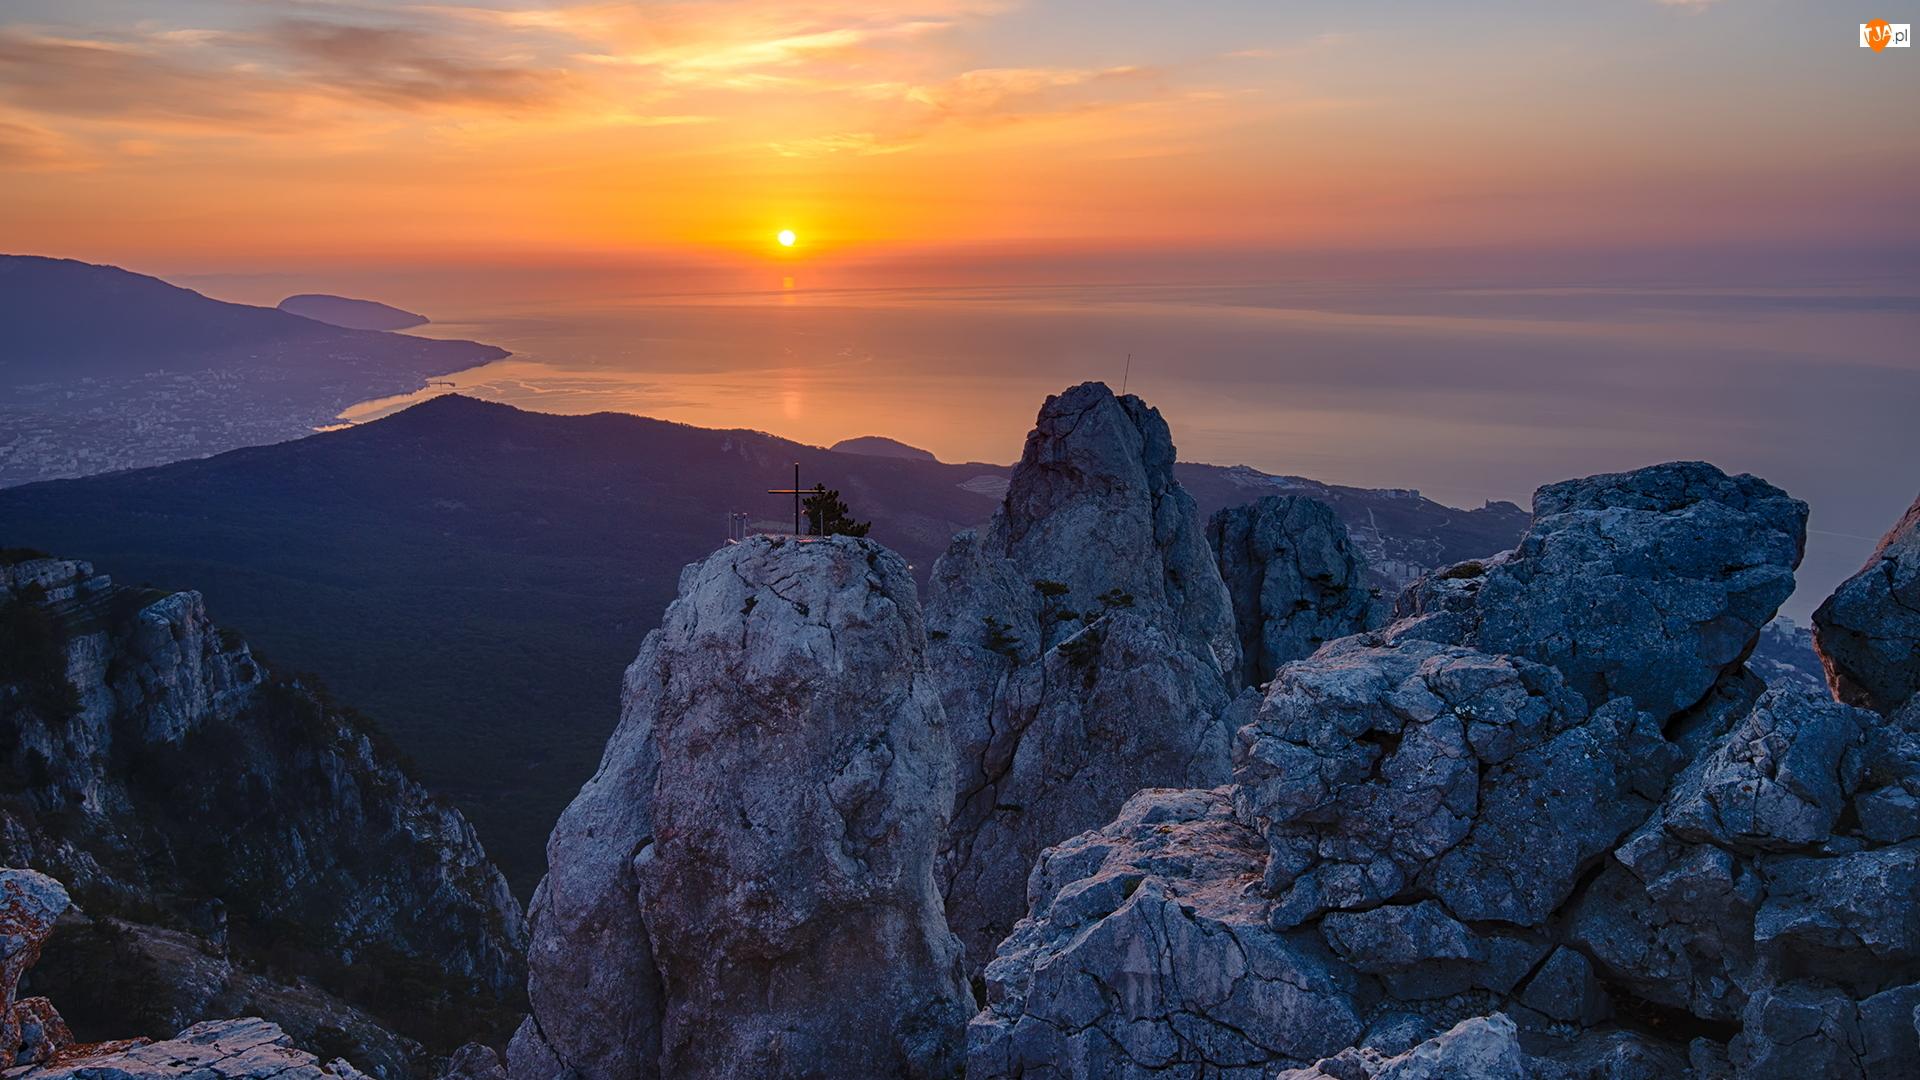 Zachód słońca, Krym, Szczyty Aj-Petri, Góry Krymskie, Morze